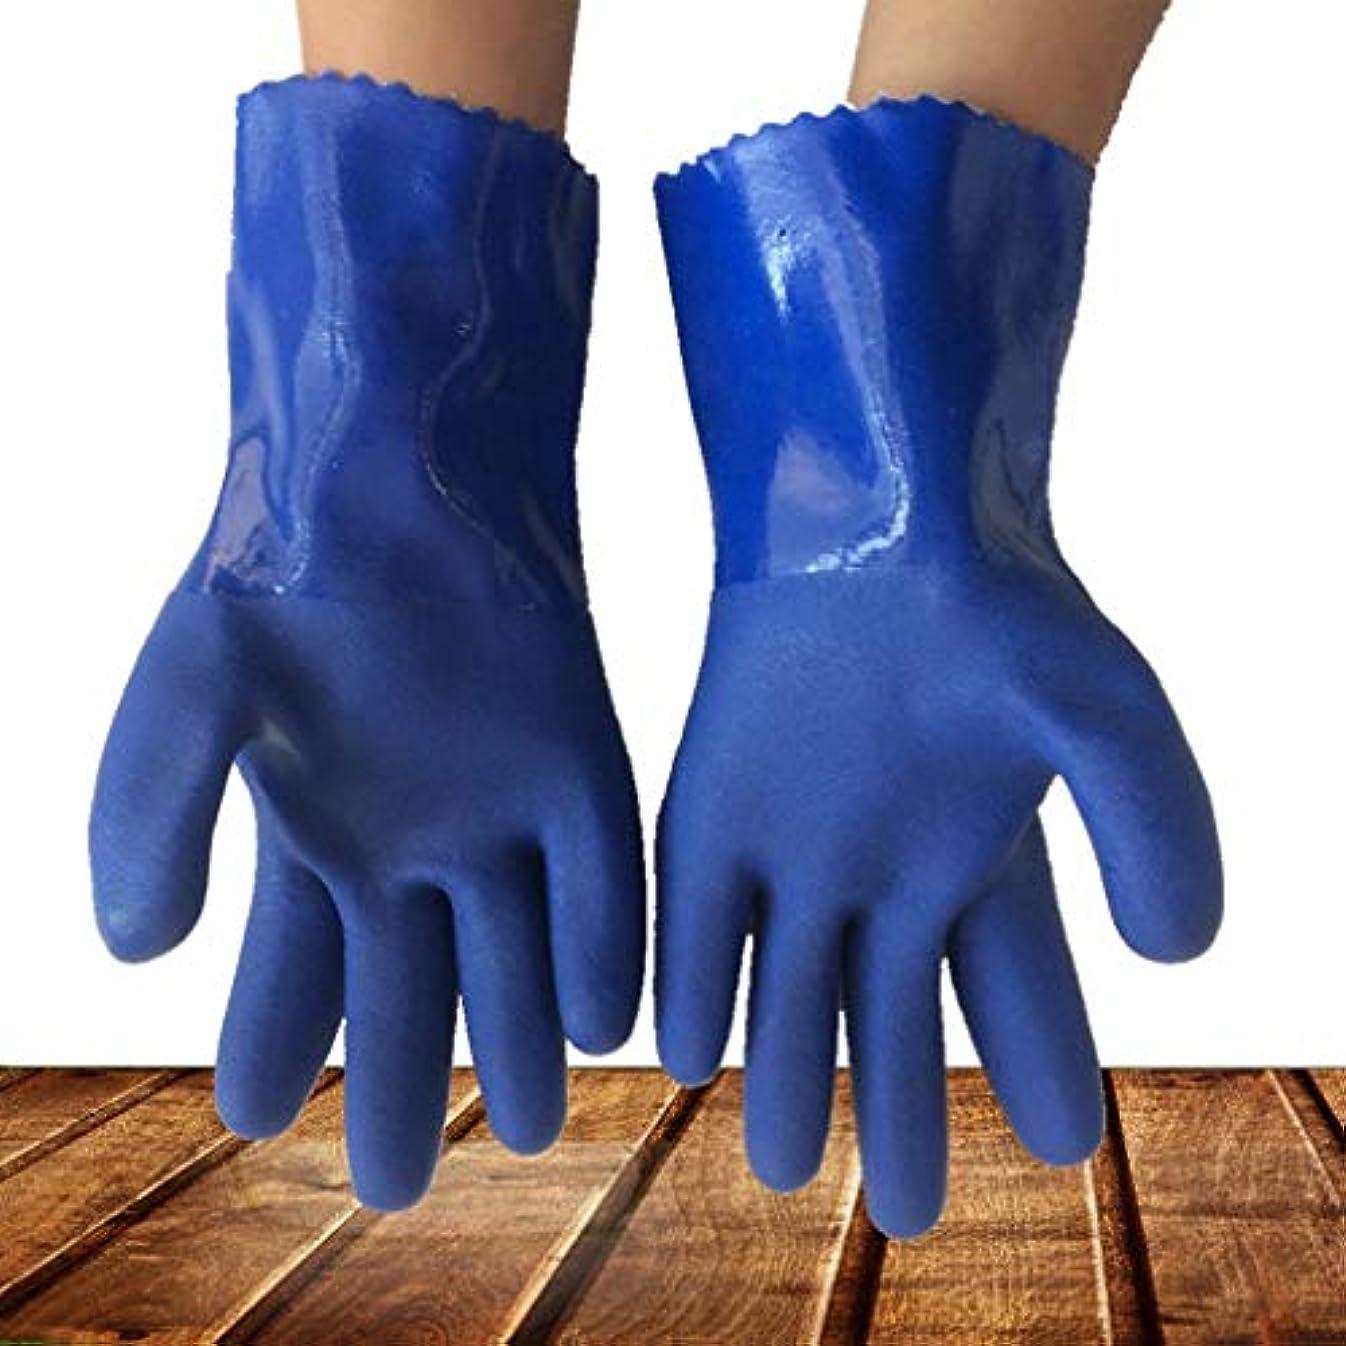 道を作る知覚的舞い上がるYSNJXB 手袋 ラテックス化学手袋耐性ゴム産業安全作業保護ロングガントレット手袋、ブルーヘビーデューティ手袋、強い酸、アルカリとオイルに抵抗10ペア ーブガソリンスタンド、ドライアイス、冷蔵、工業用手袋